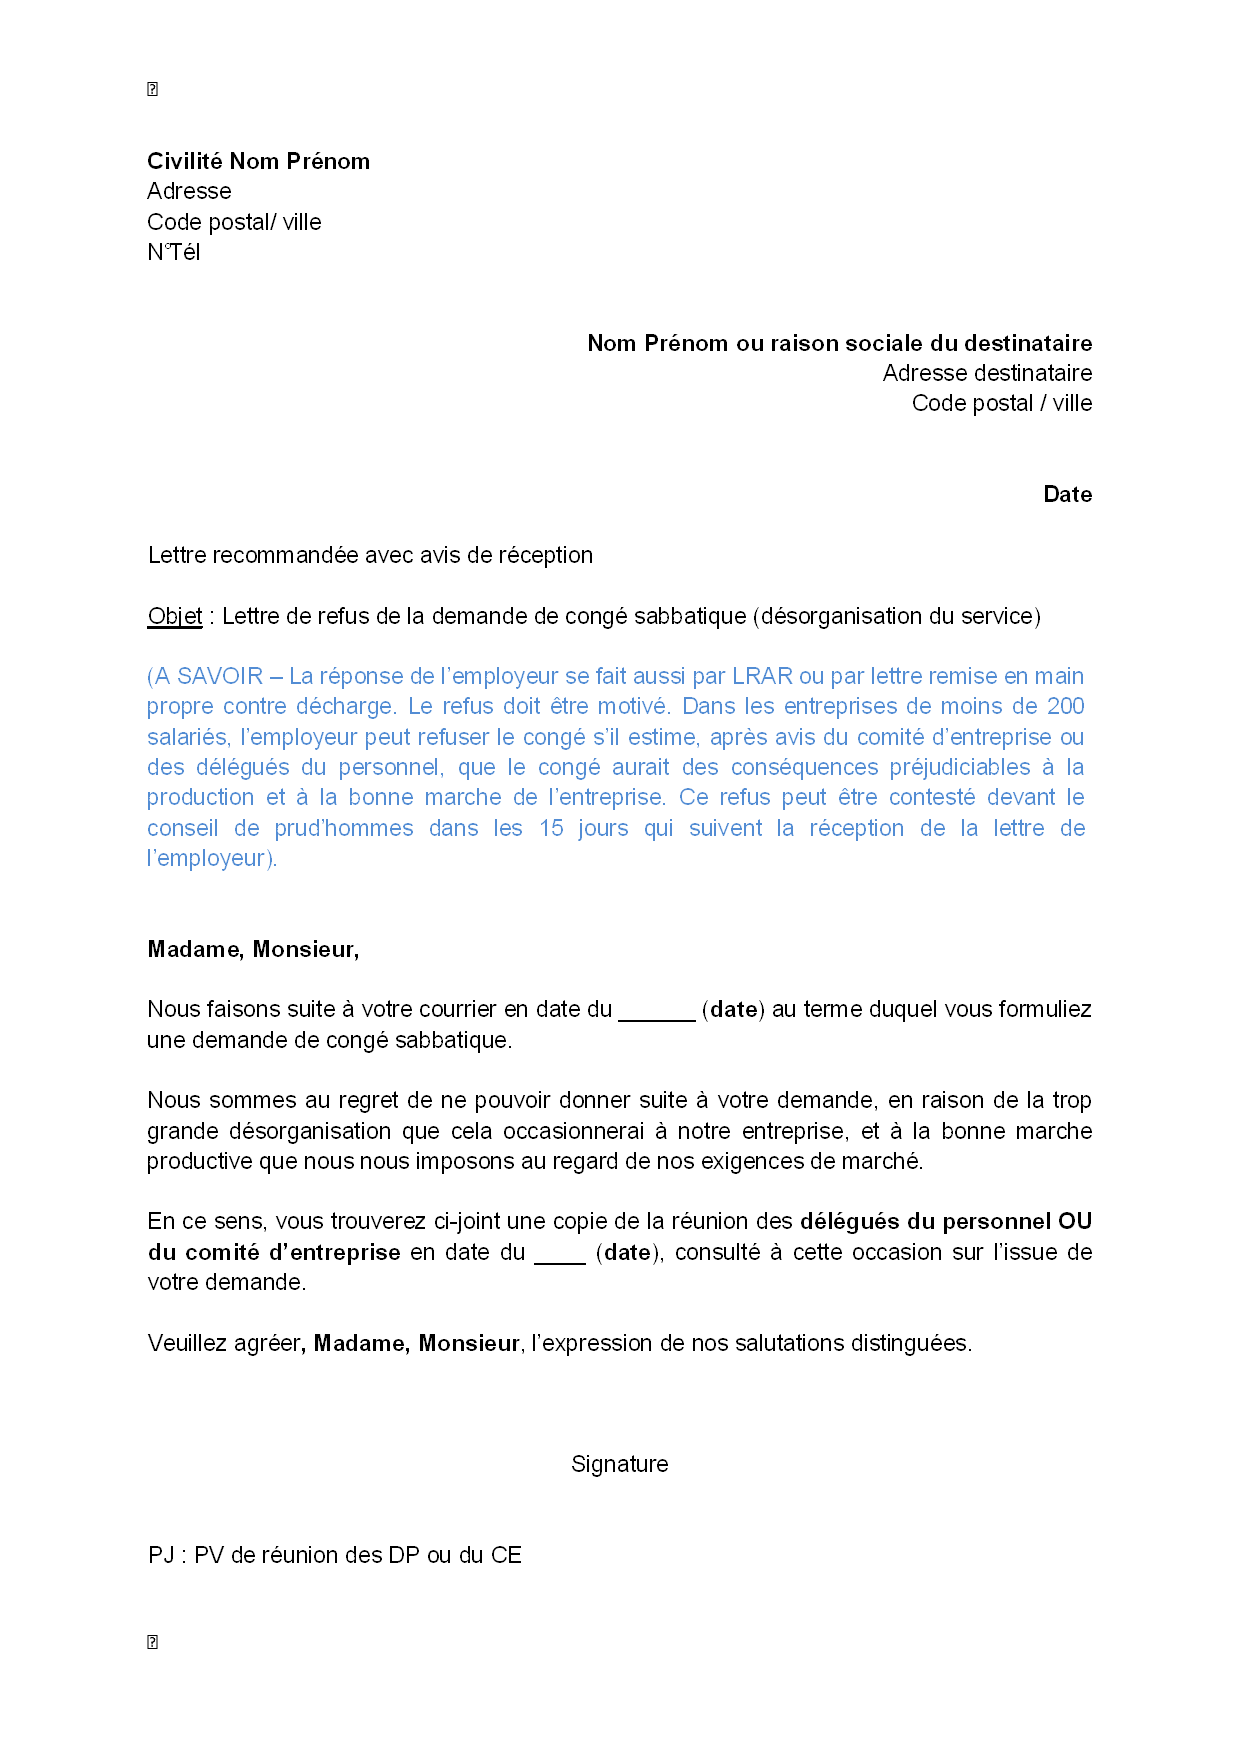 exemple gratuit de lettre refus  par employeur  demande cong u00e9 sabbatique   d u00e9sorganisation service